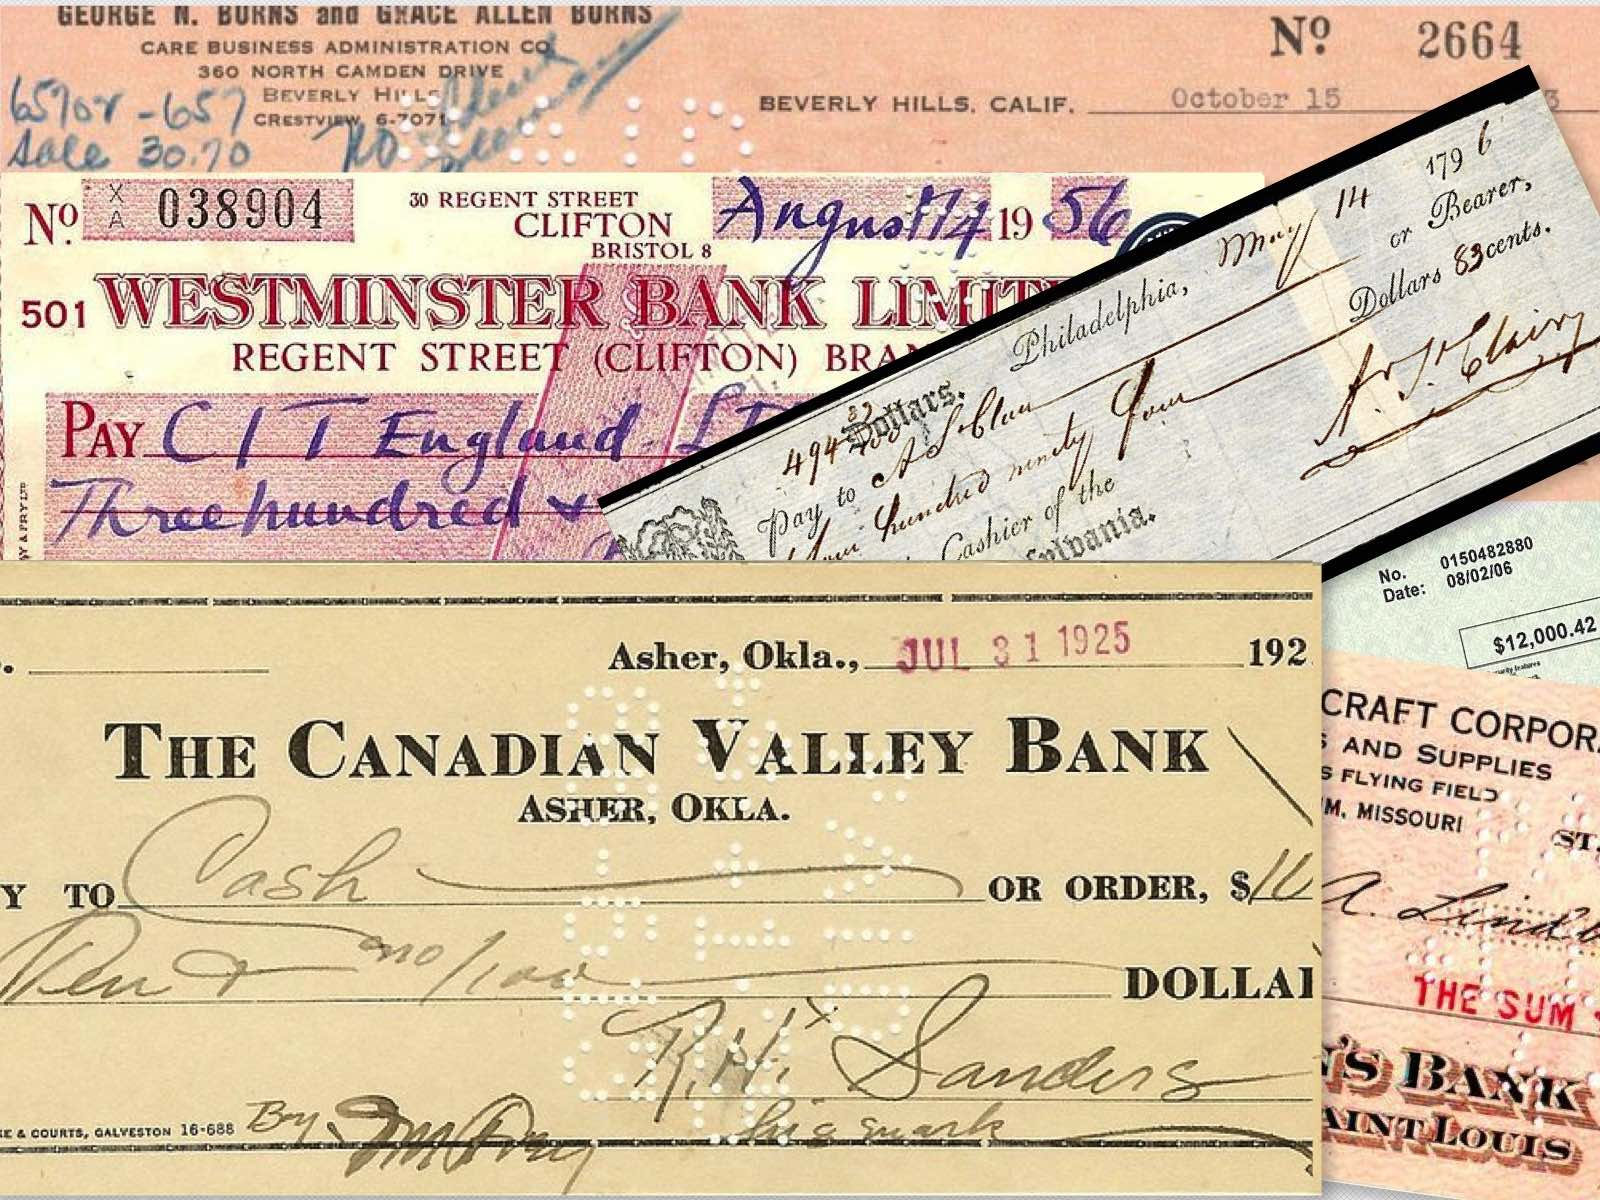 Cheques cancelados: artículos coleccionables interesantes que puedes comprar